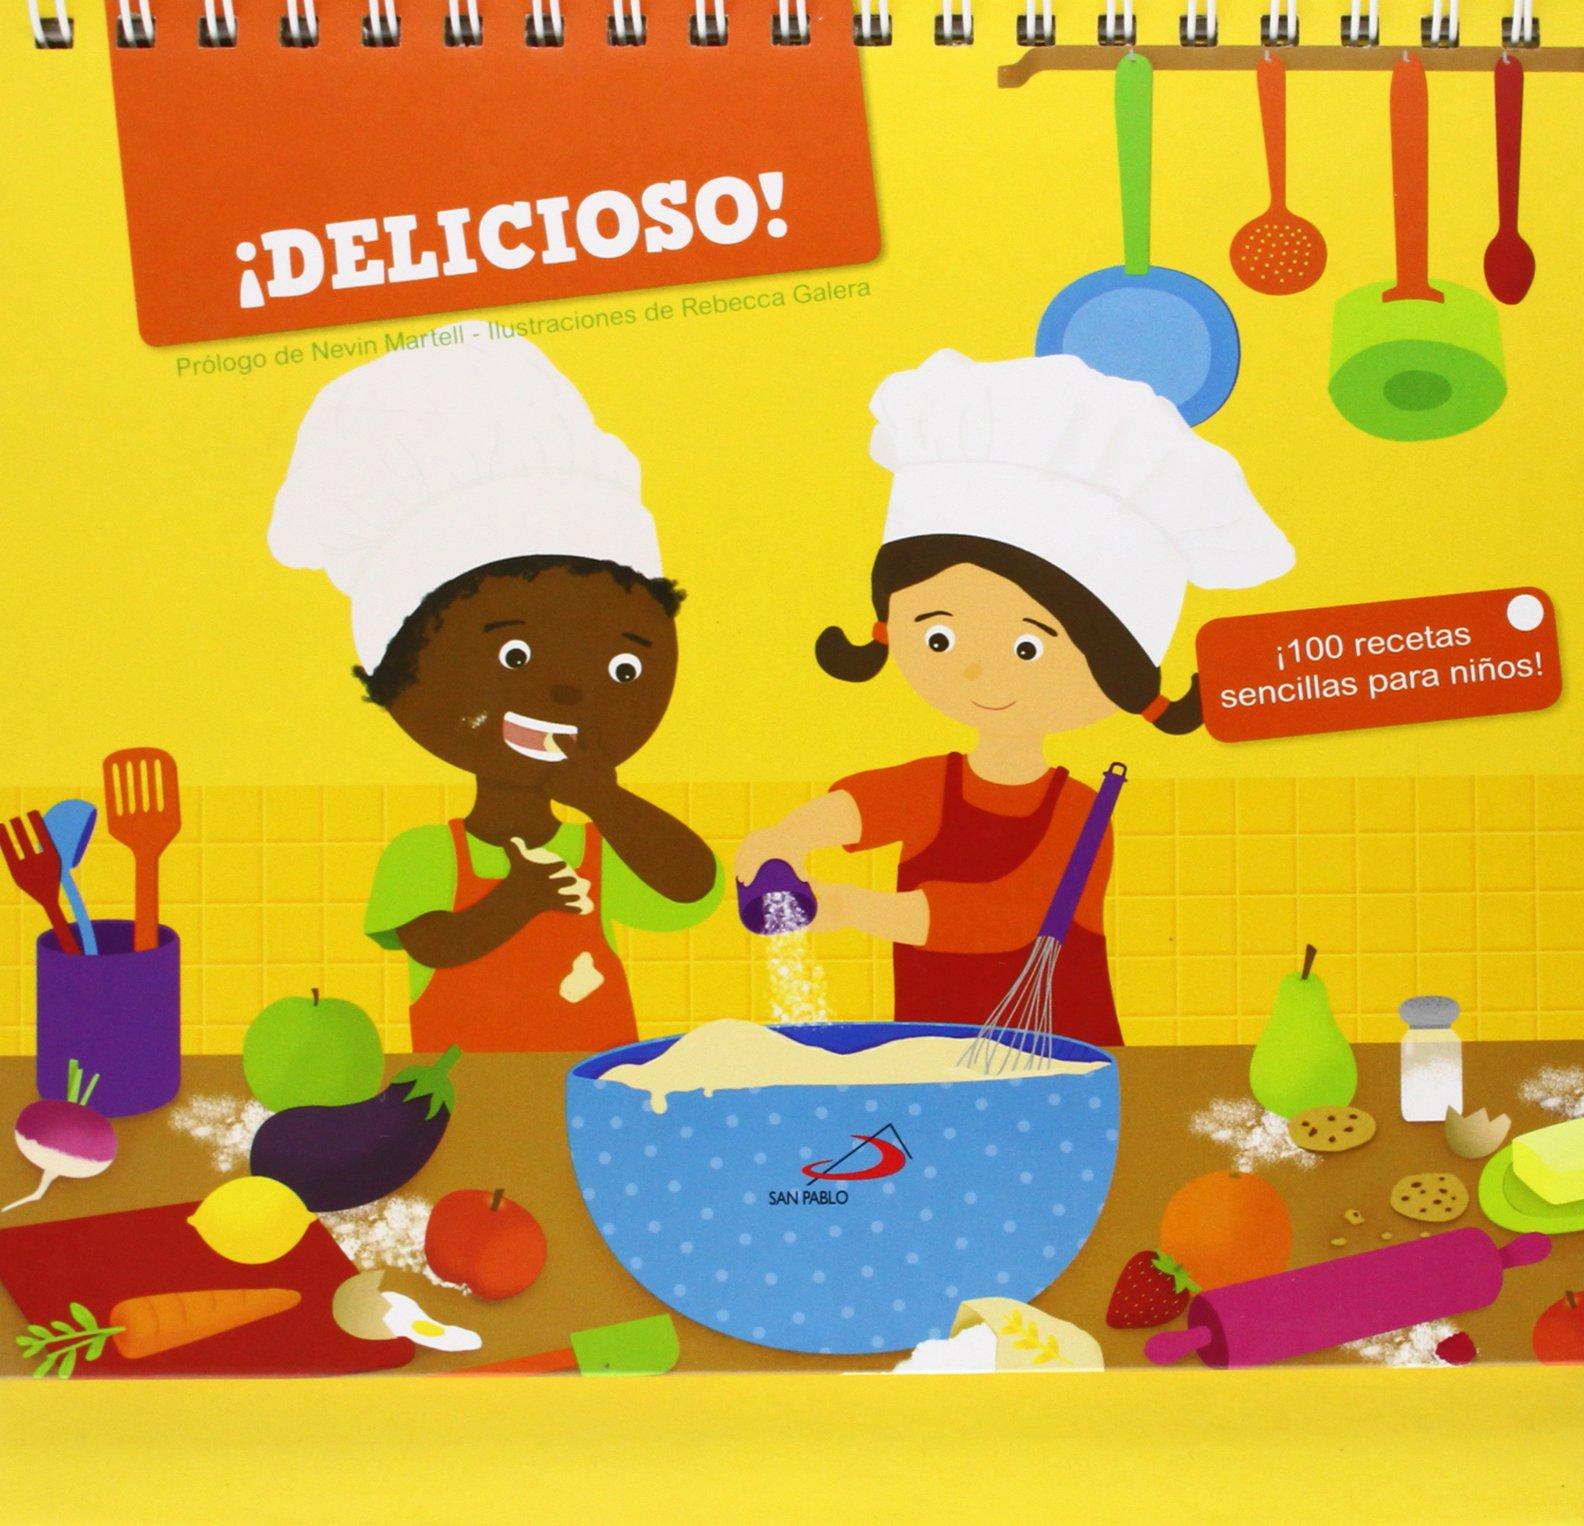 Recetas De Cocina En Ingles Para Niños | La Cocina En Ingles Para Ninos Talleres De Cocina Para Ninos Y No